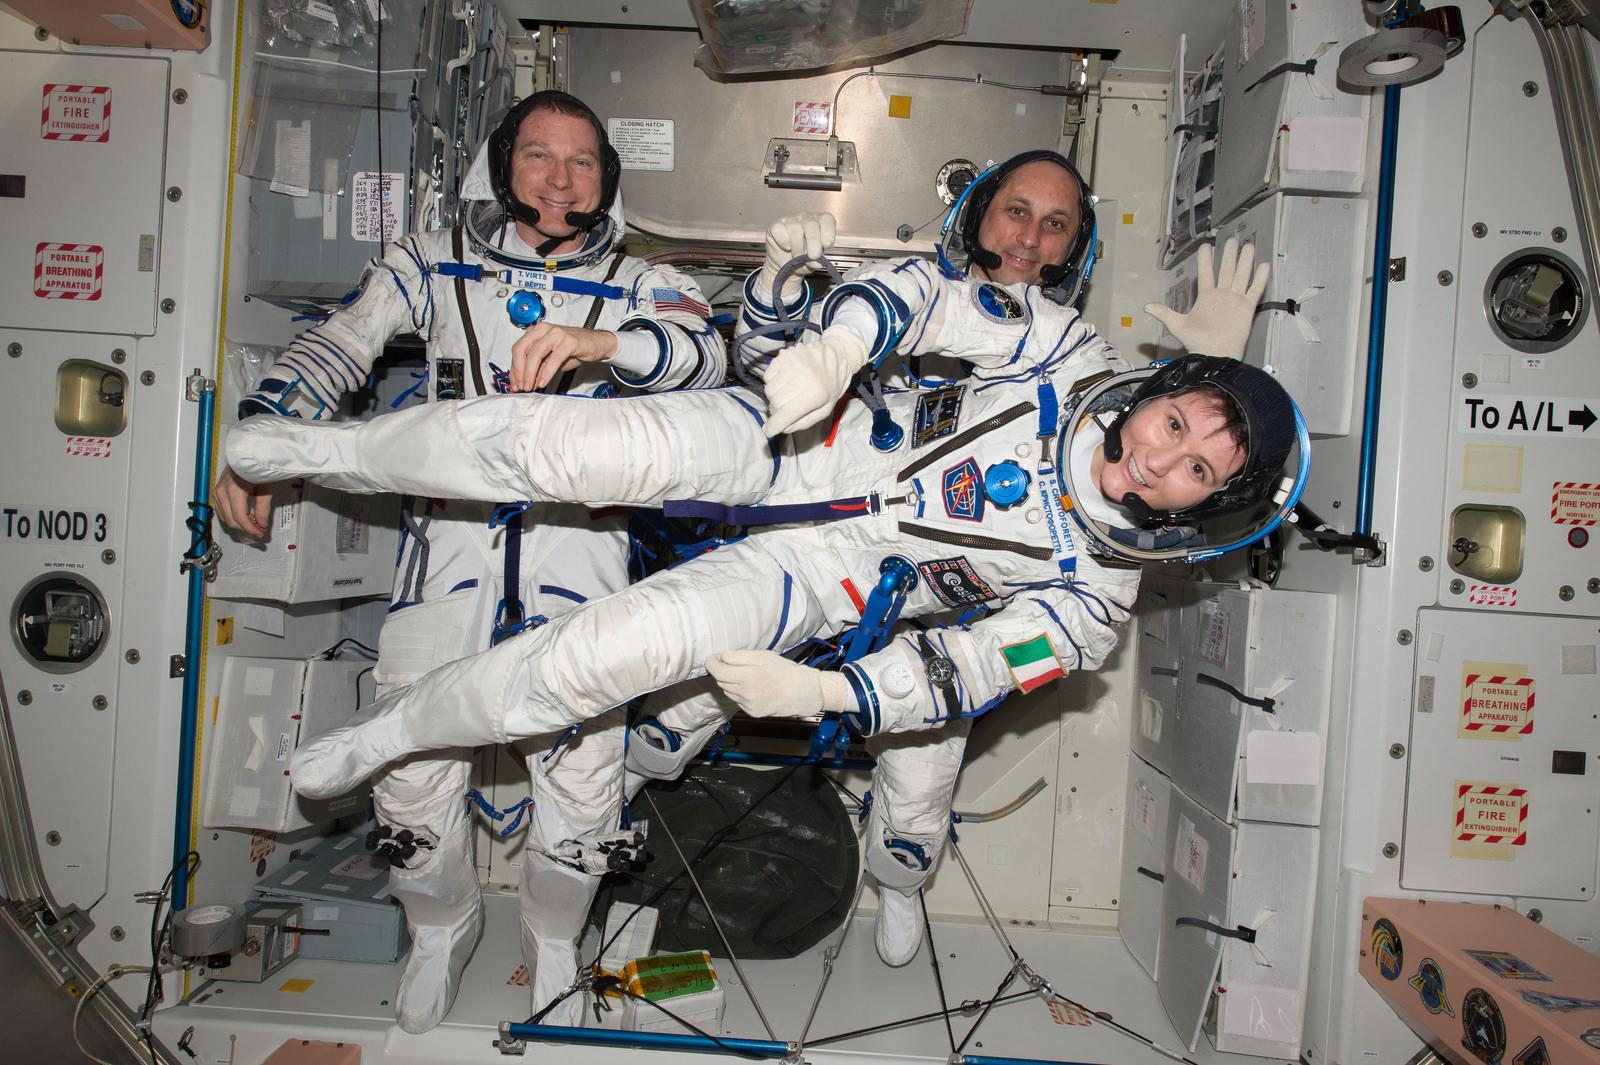 Samantha Cristoforetti con il suo equipaggio in preparazione al rientro della Soyuz TMA-15M poi rimandato. Credit: ESA/NASA